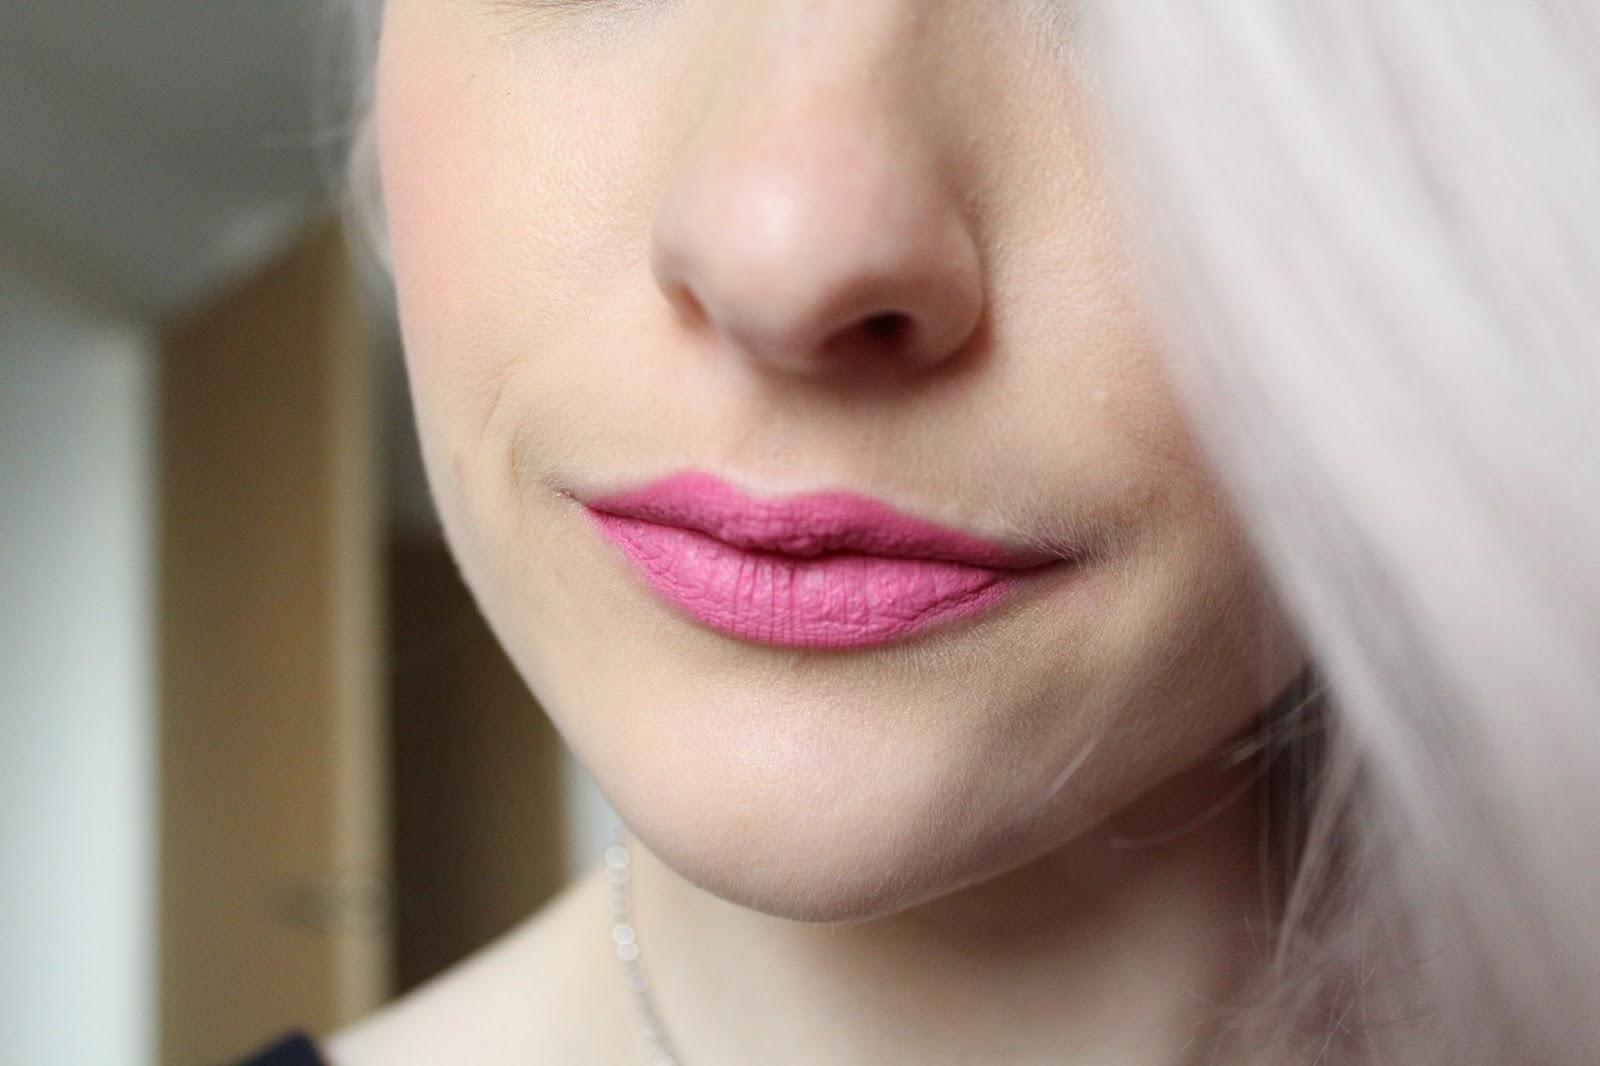 Illamasqua Lipstick in Corrupt